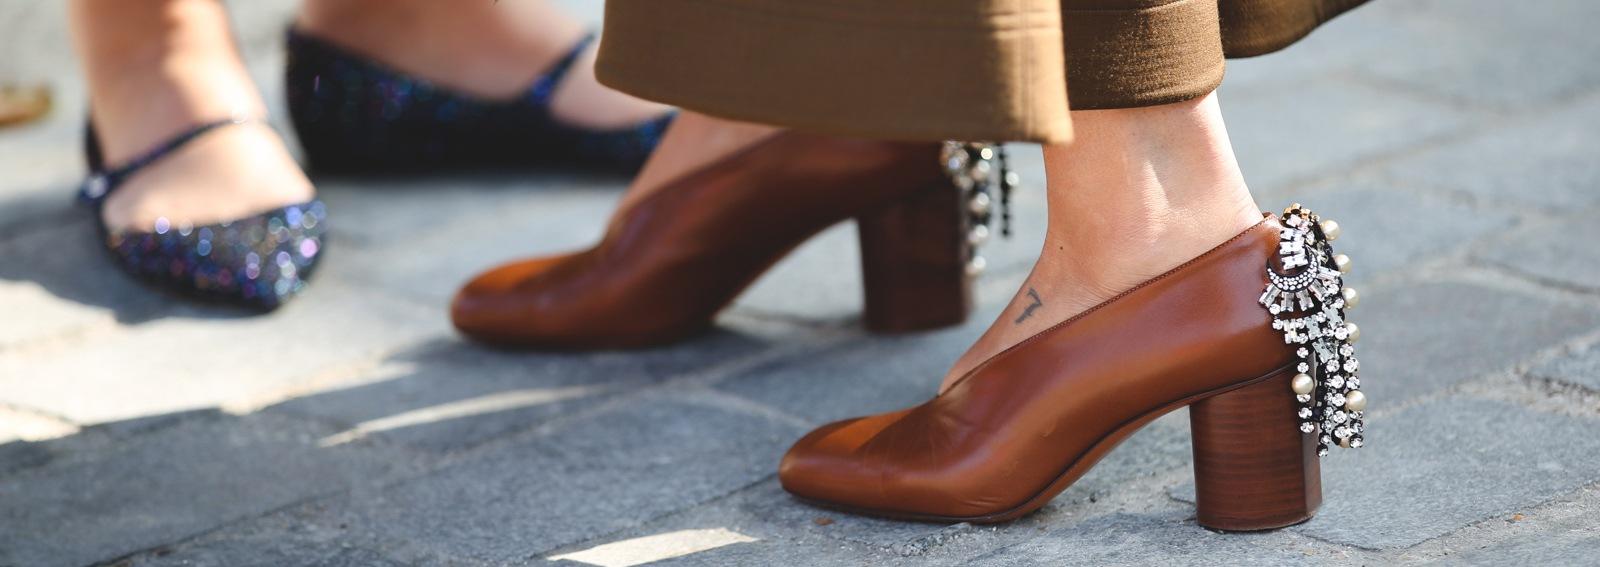 DESKTOP_embellished_shoes